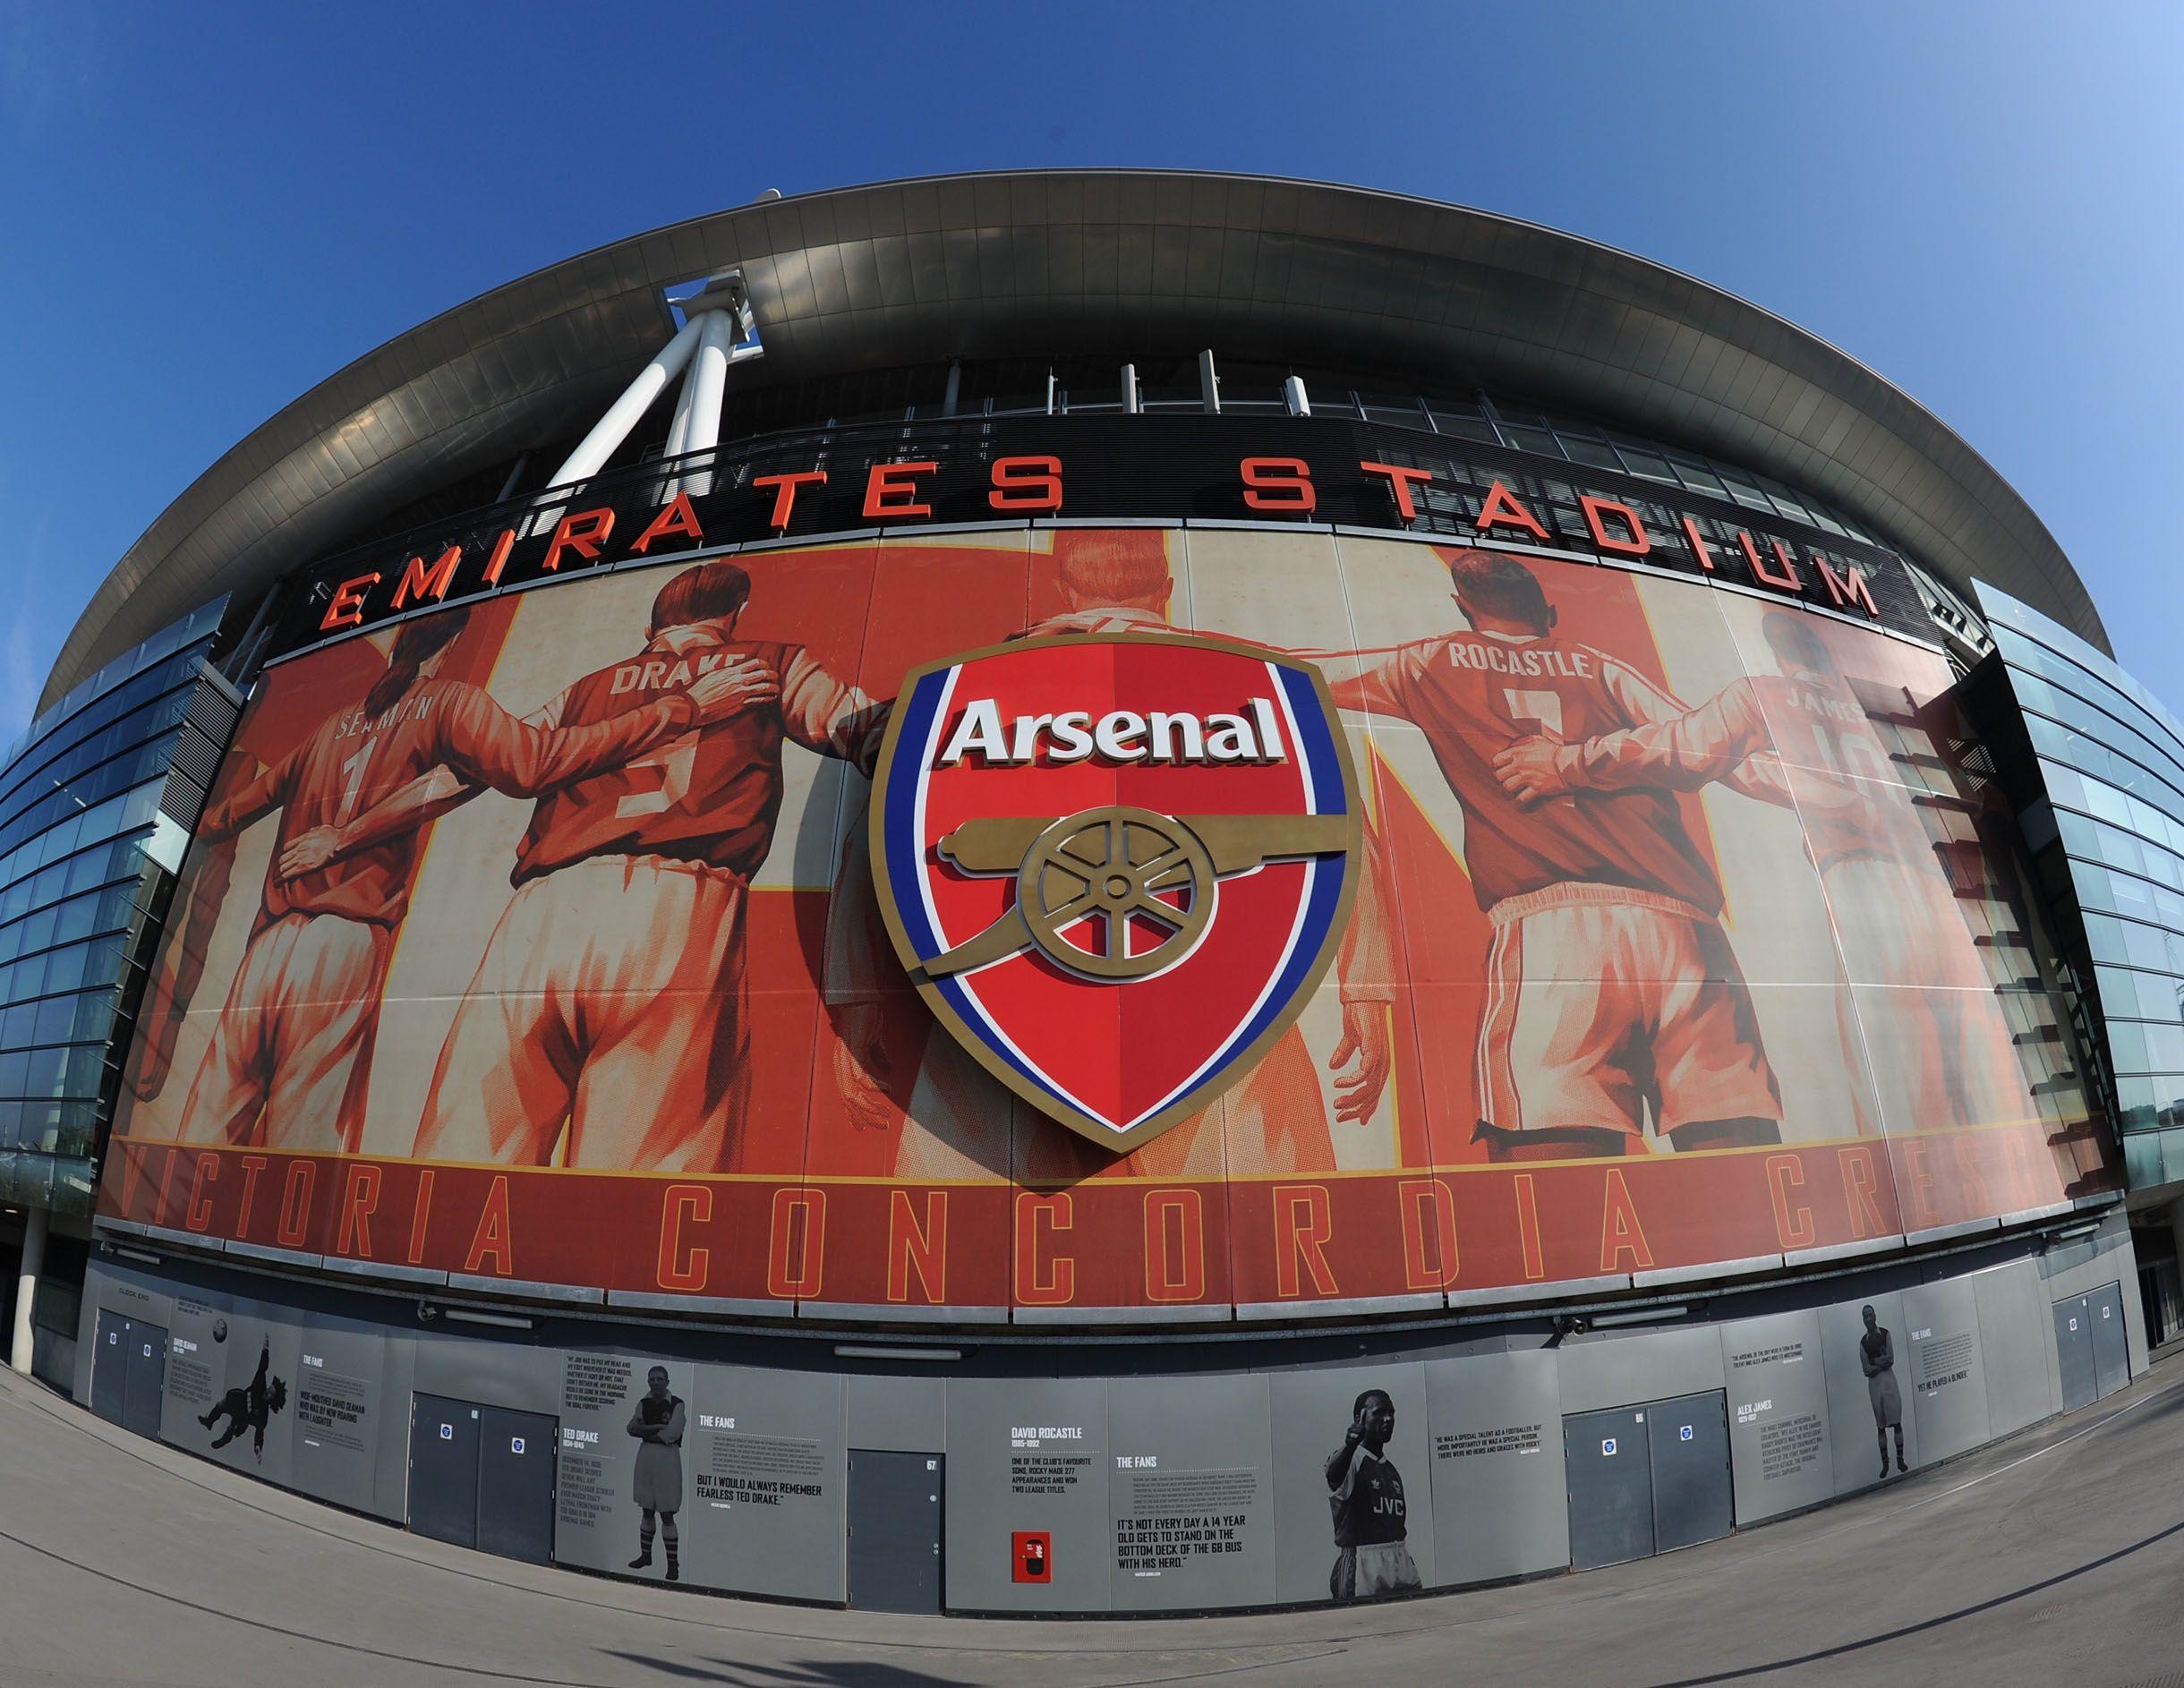 Emirates-Stadium Tour-Stadium-Exterior.jpg